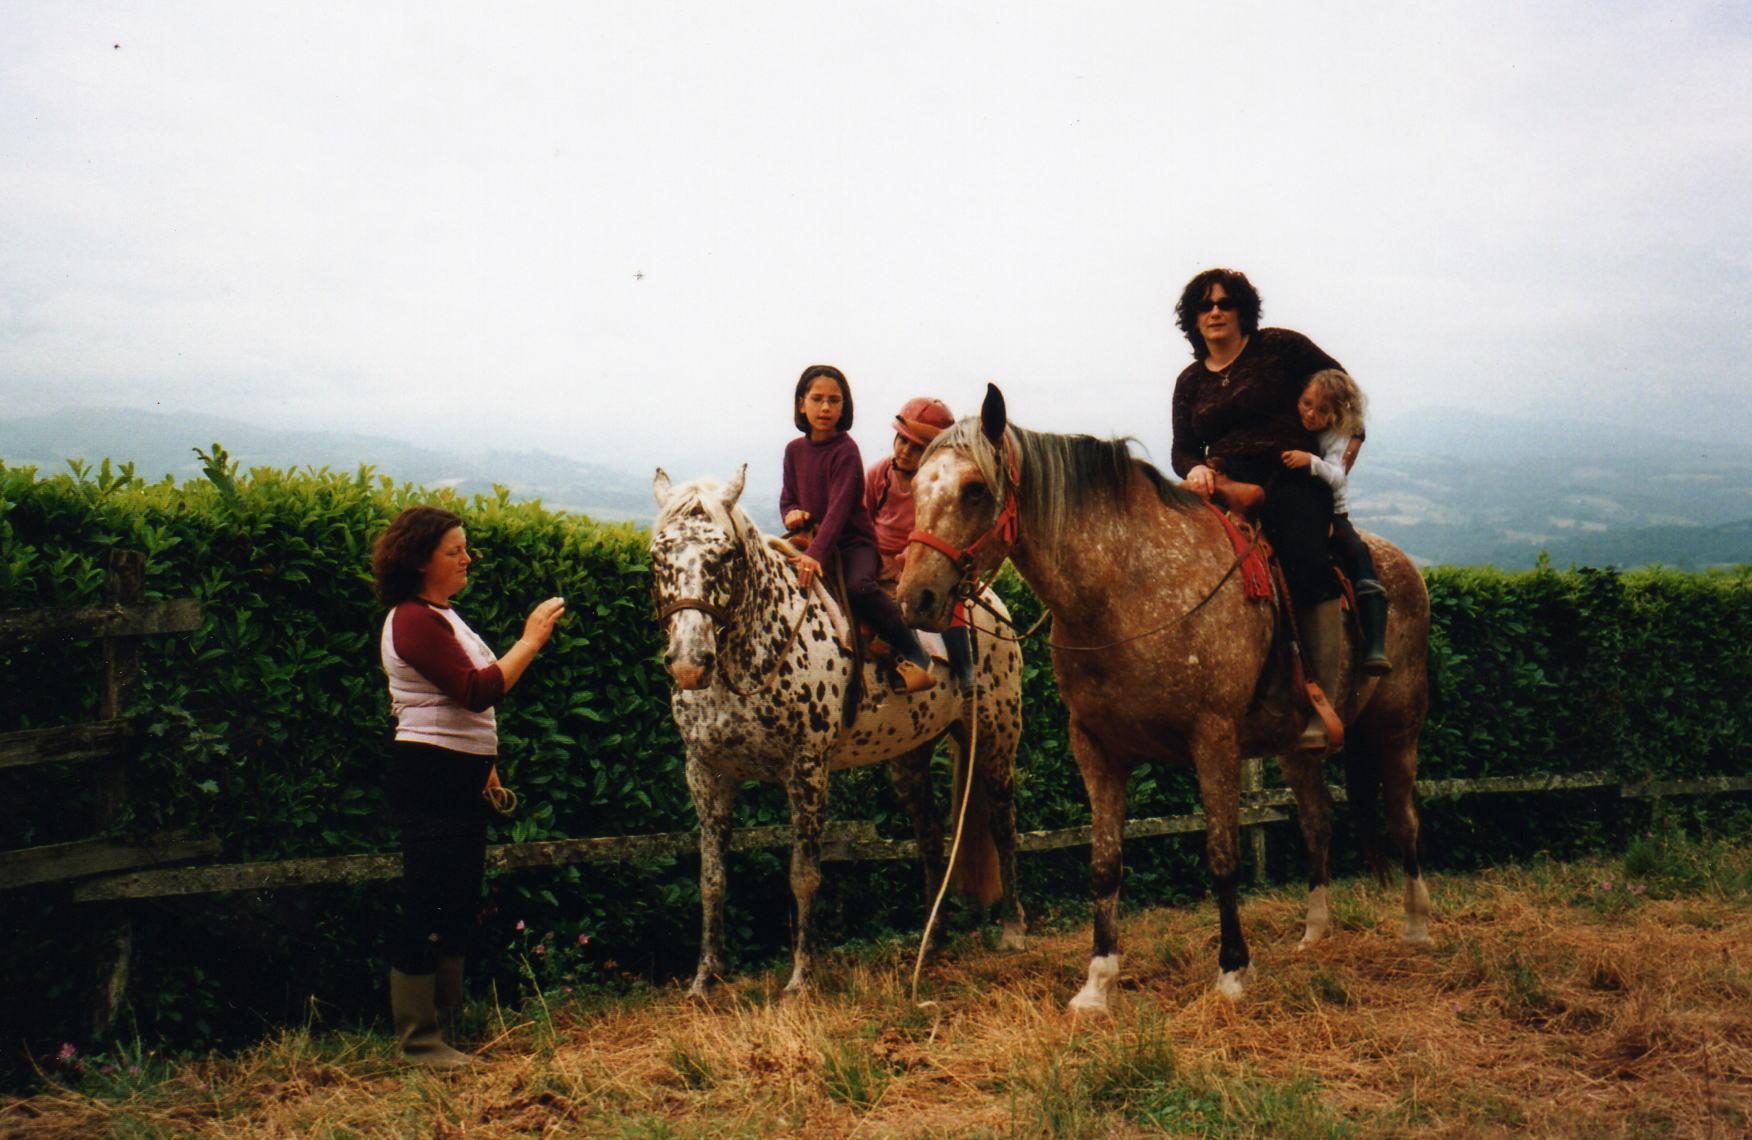 maman fait du cheval ca alors!